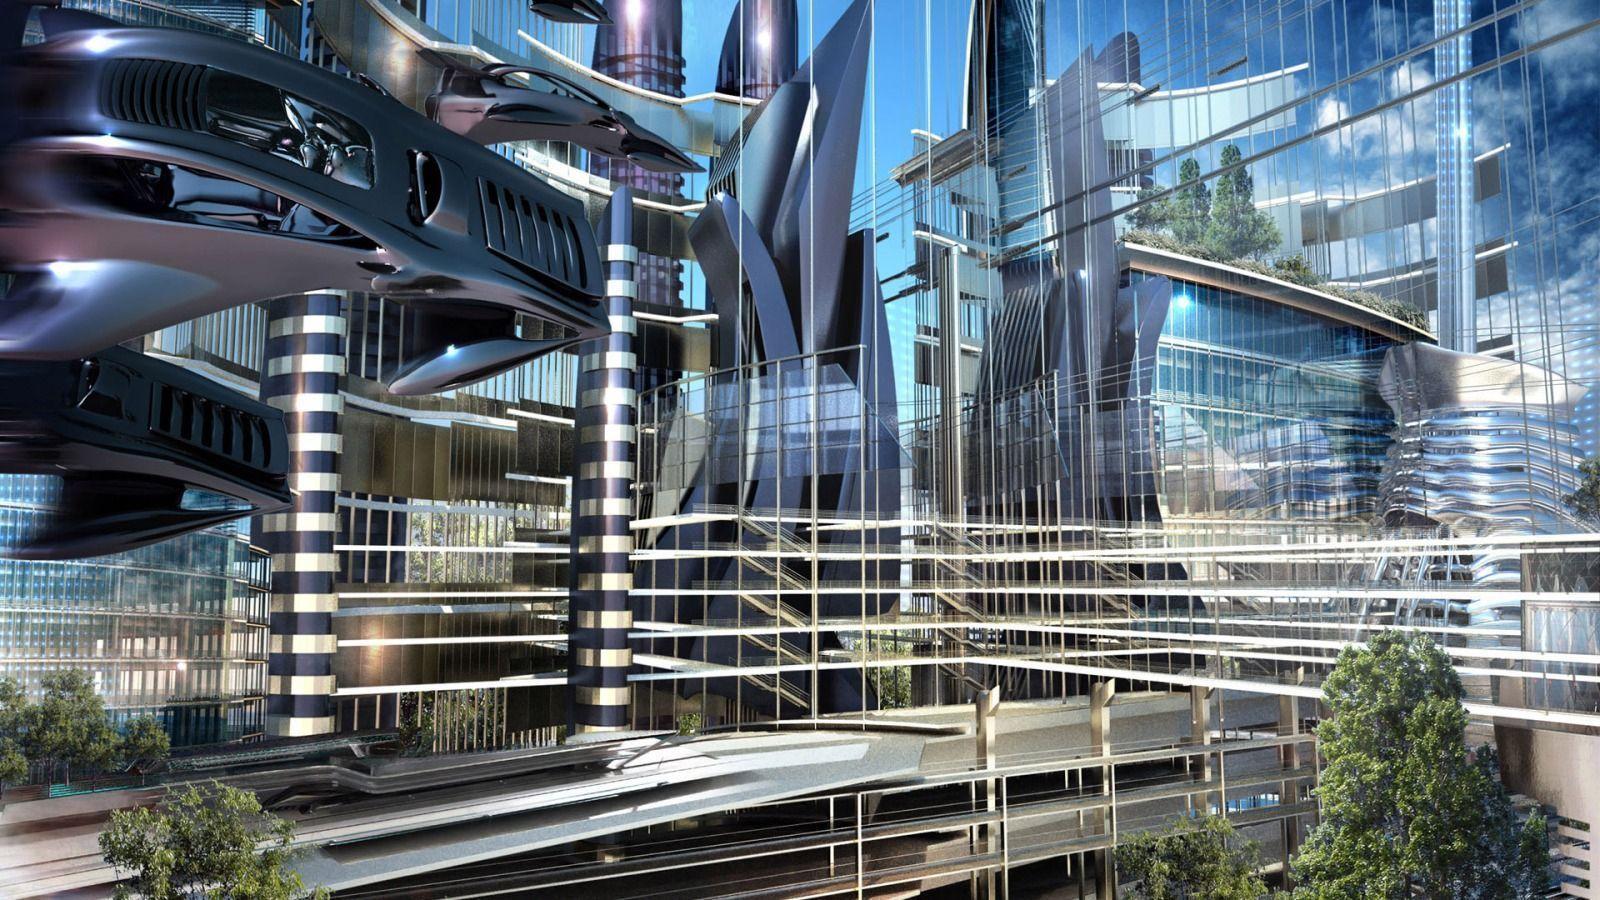 Futuristic Architecture widescreen wallpaper   Wide-